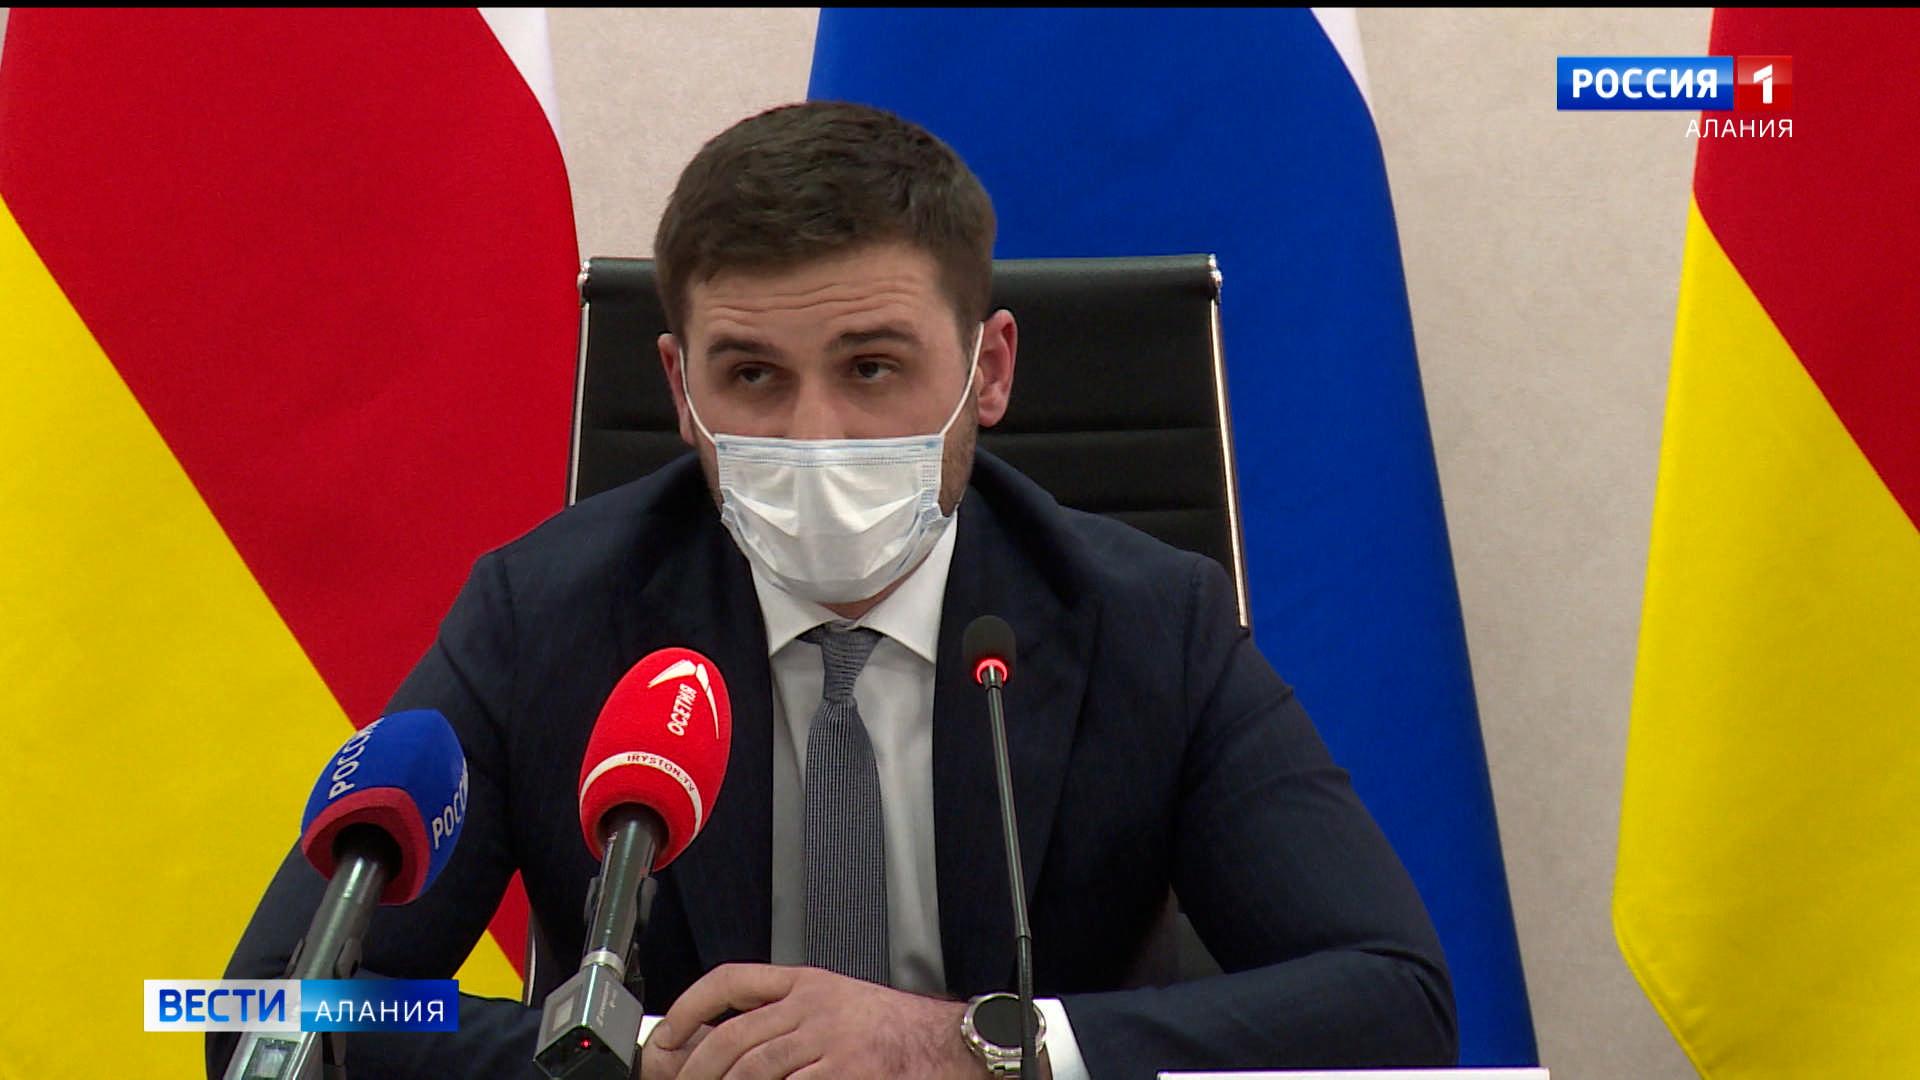 В 2021 году Северная Осетия планирует принять участие в 49 федеральных проектах из 78